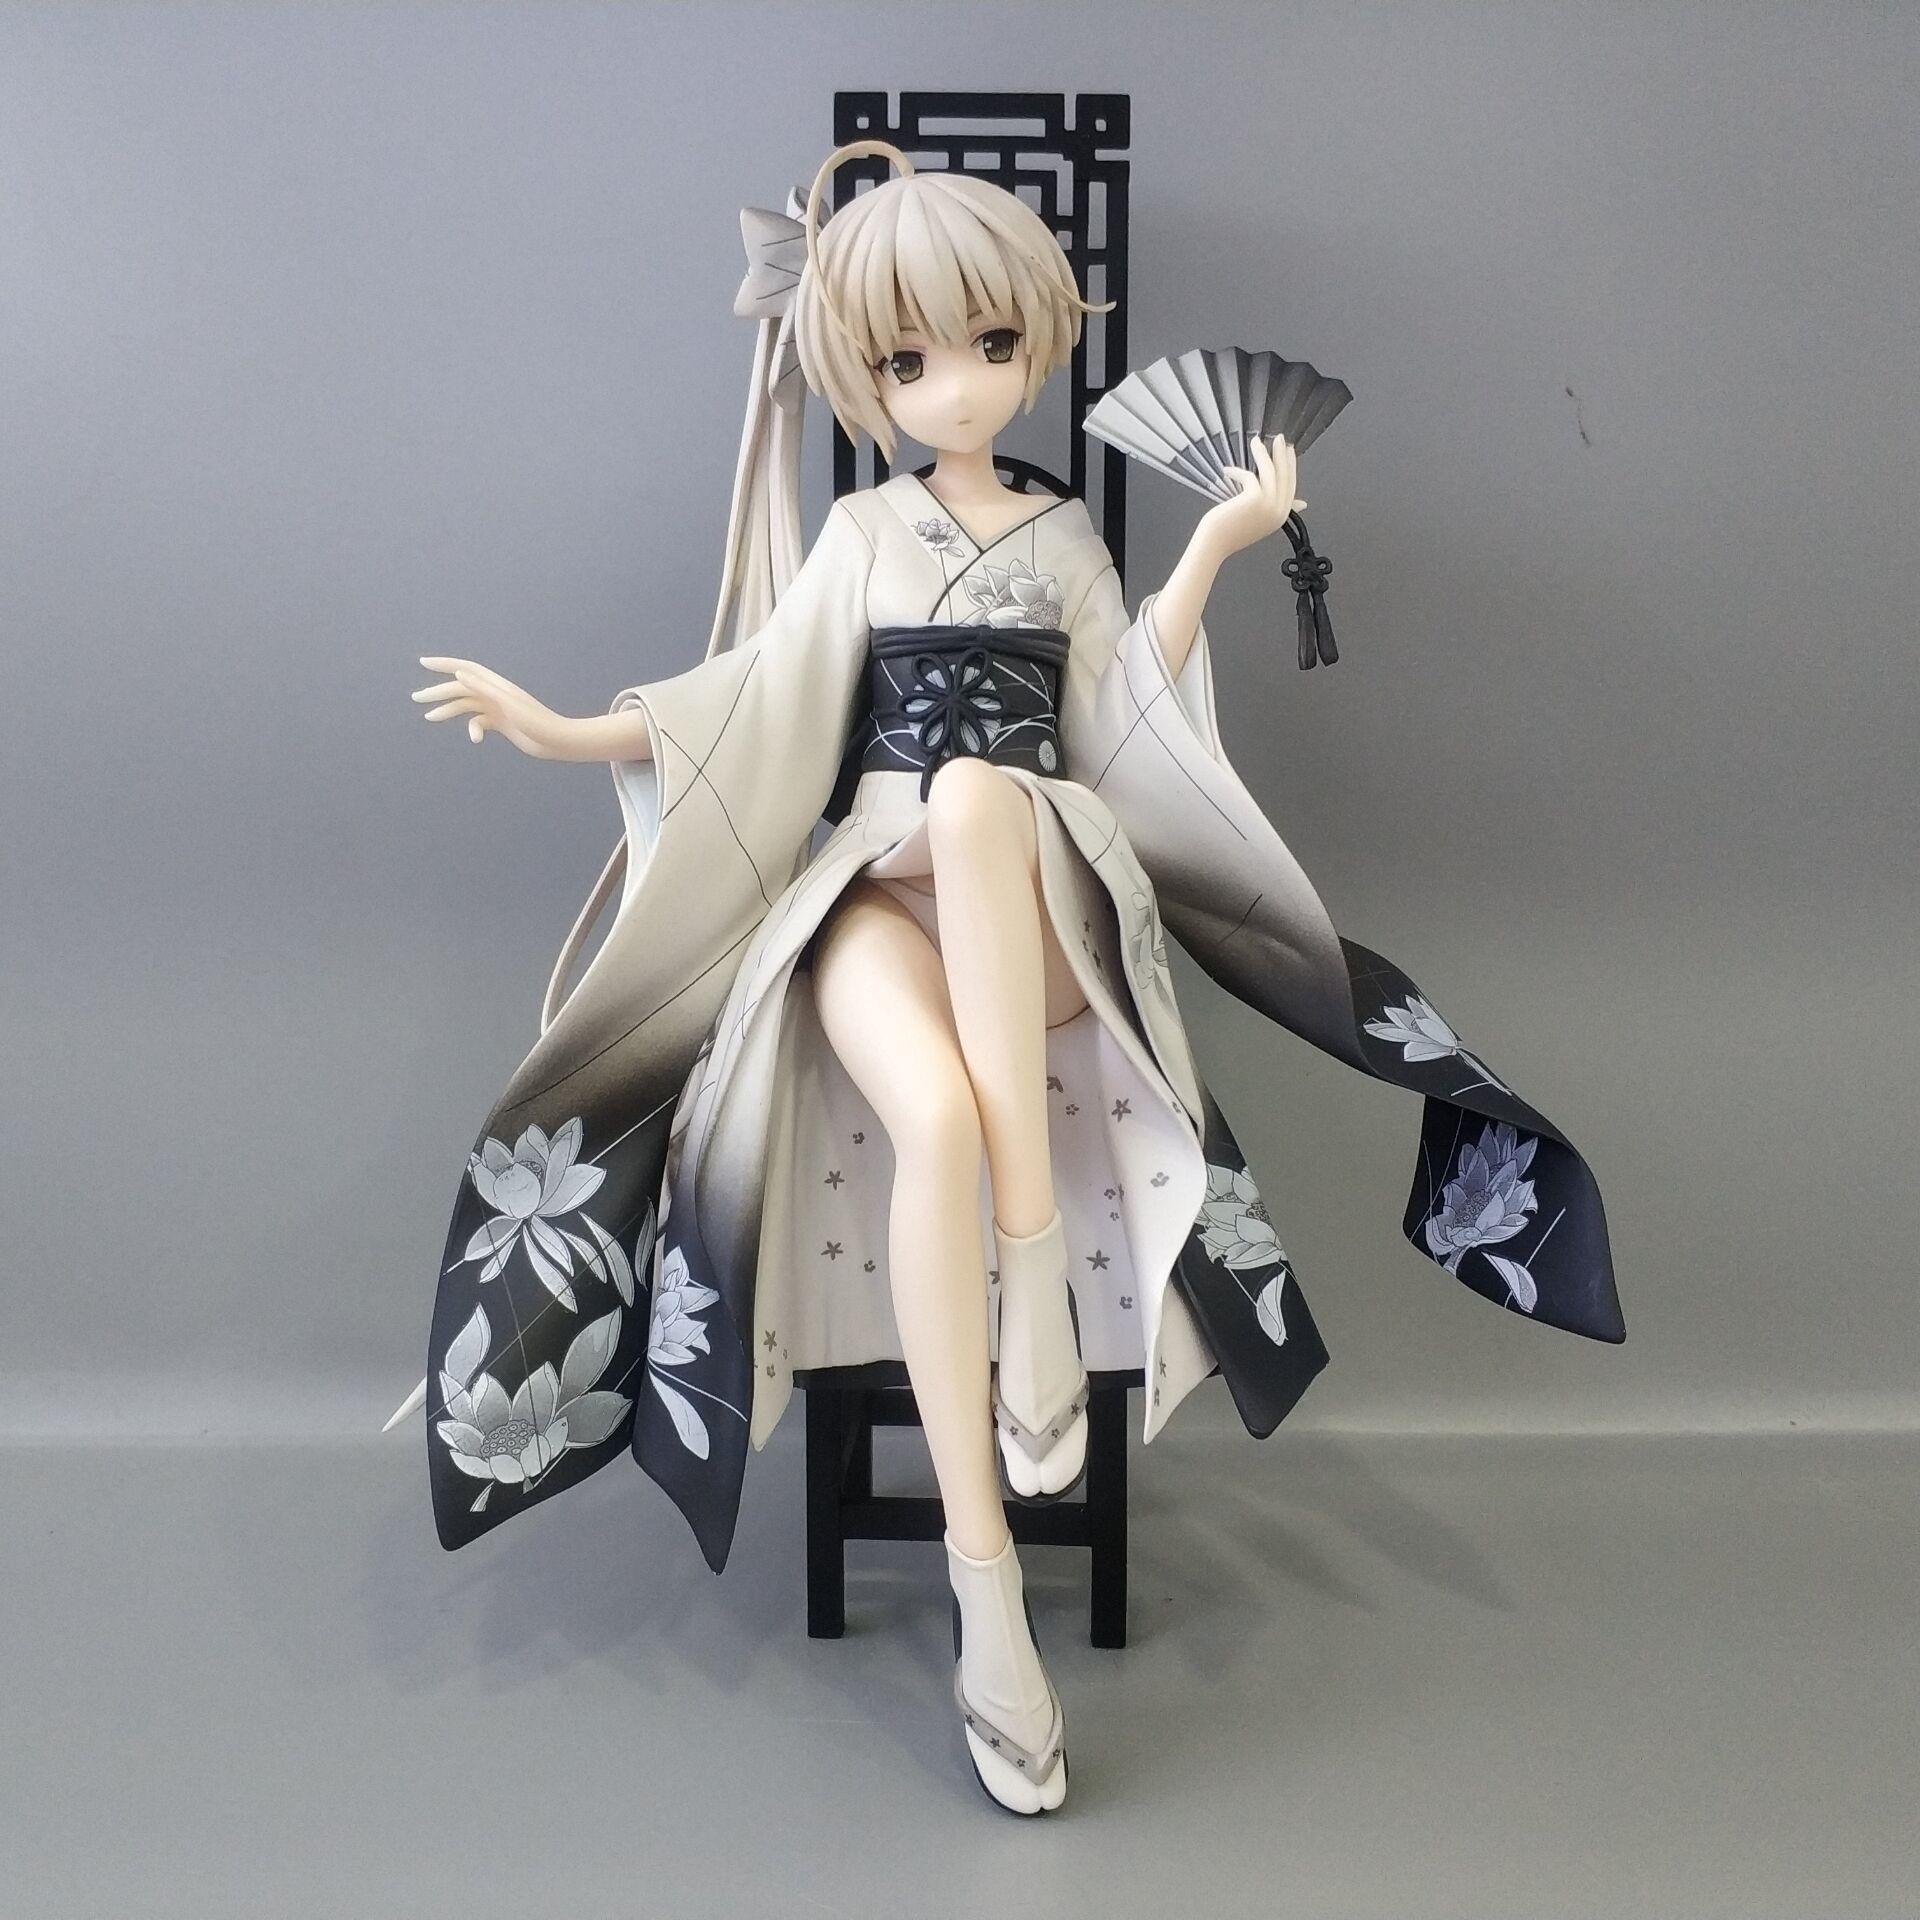 Figurine d'anime japonais 17 CM Kasugano Sora kimono assis ver figurine à collectionner jouets pour garçons